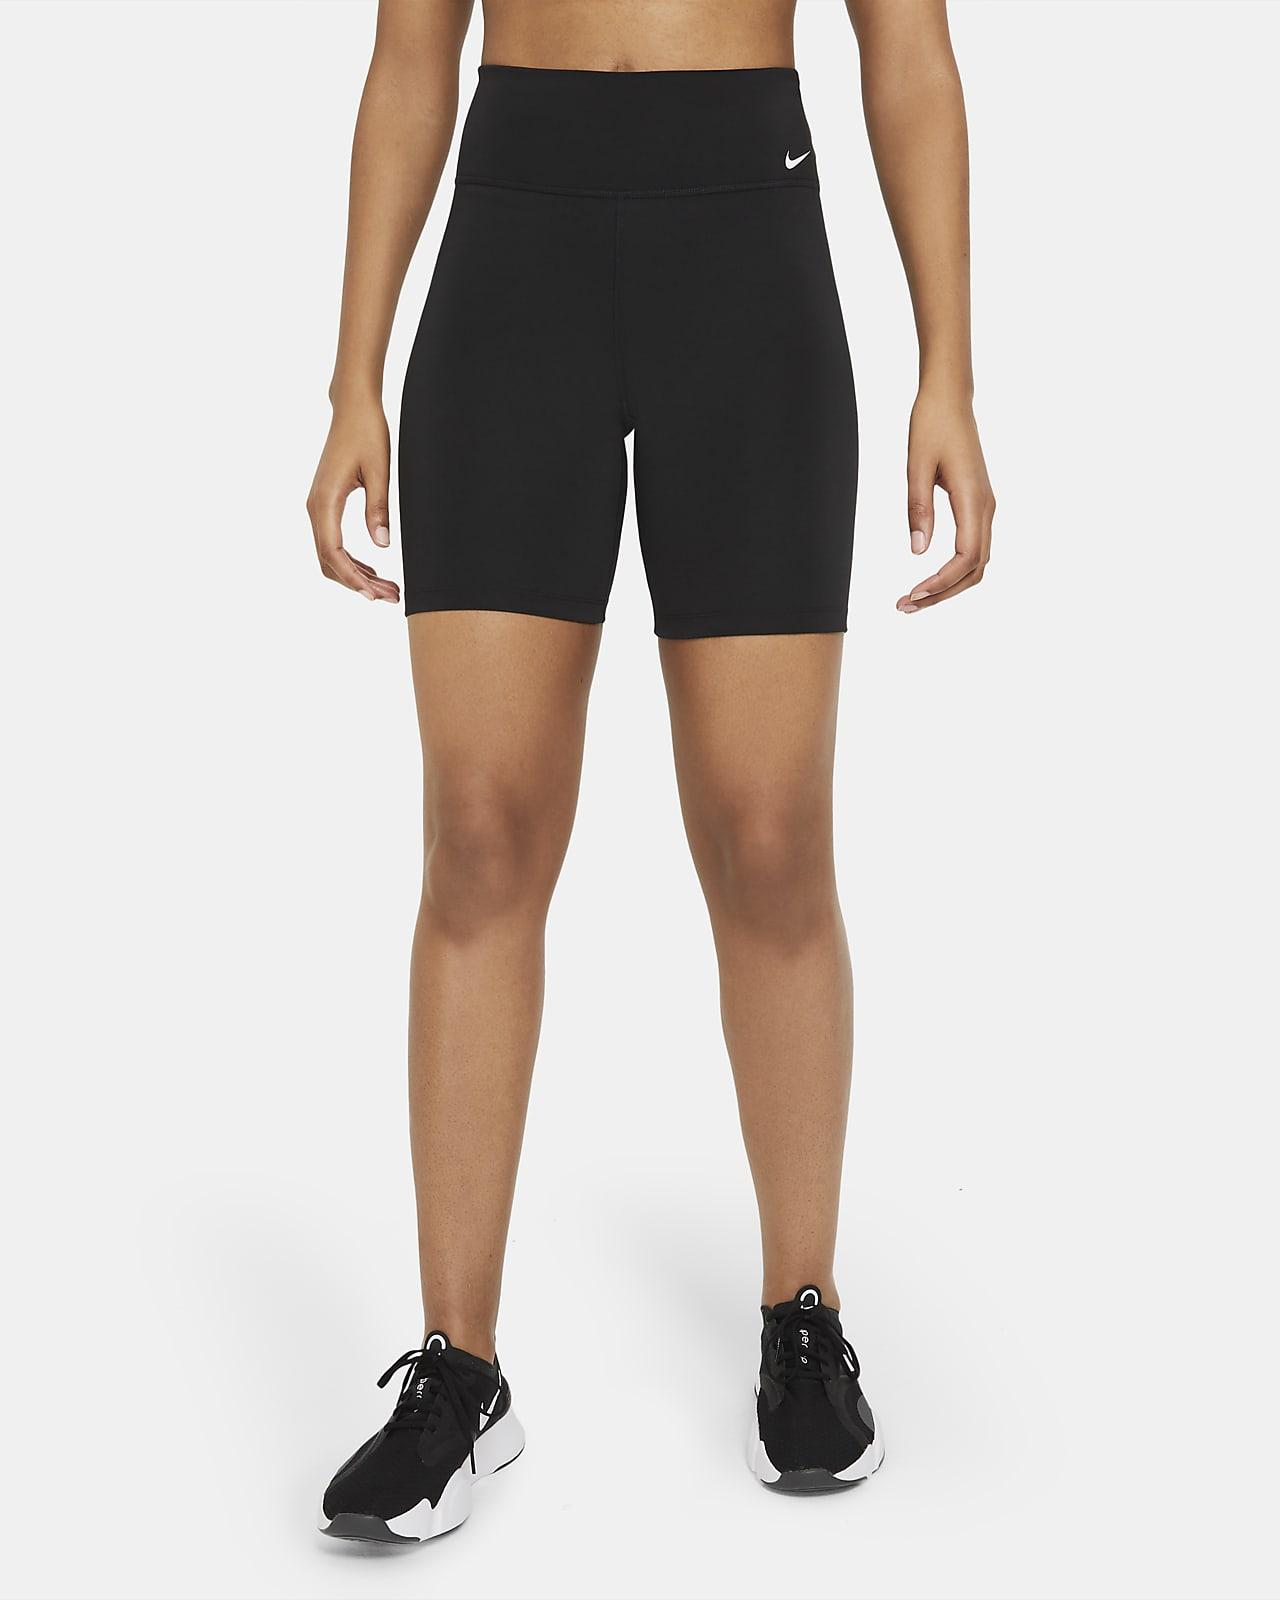 Nike One shorts med mellomhøyt liv til dame (18 cm)